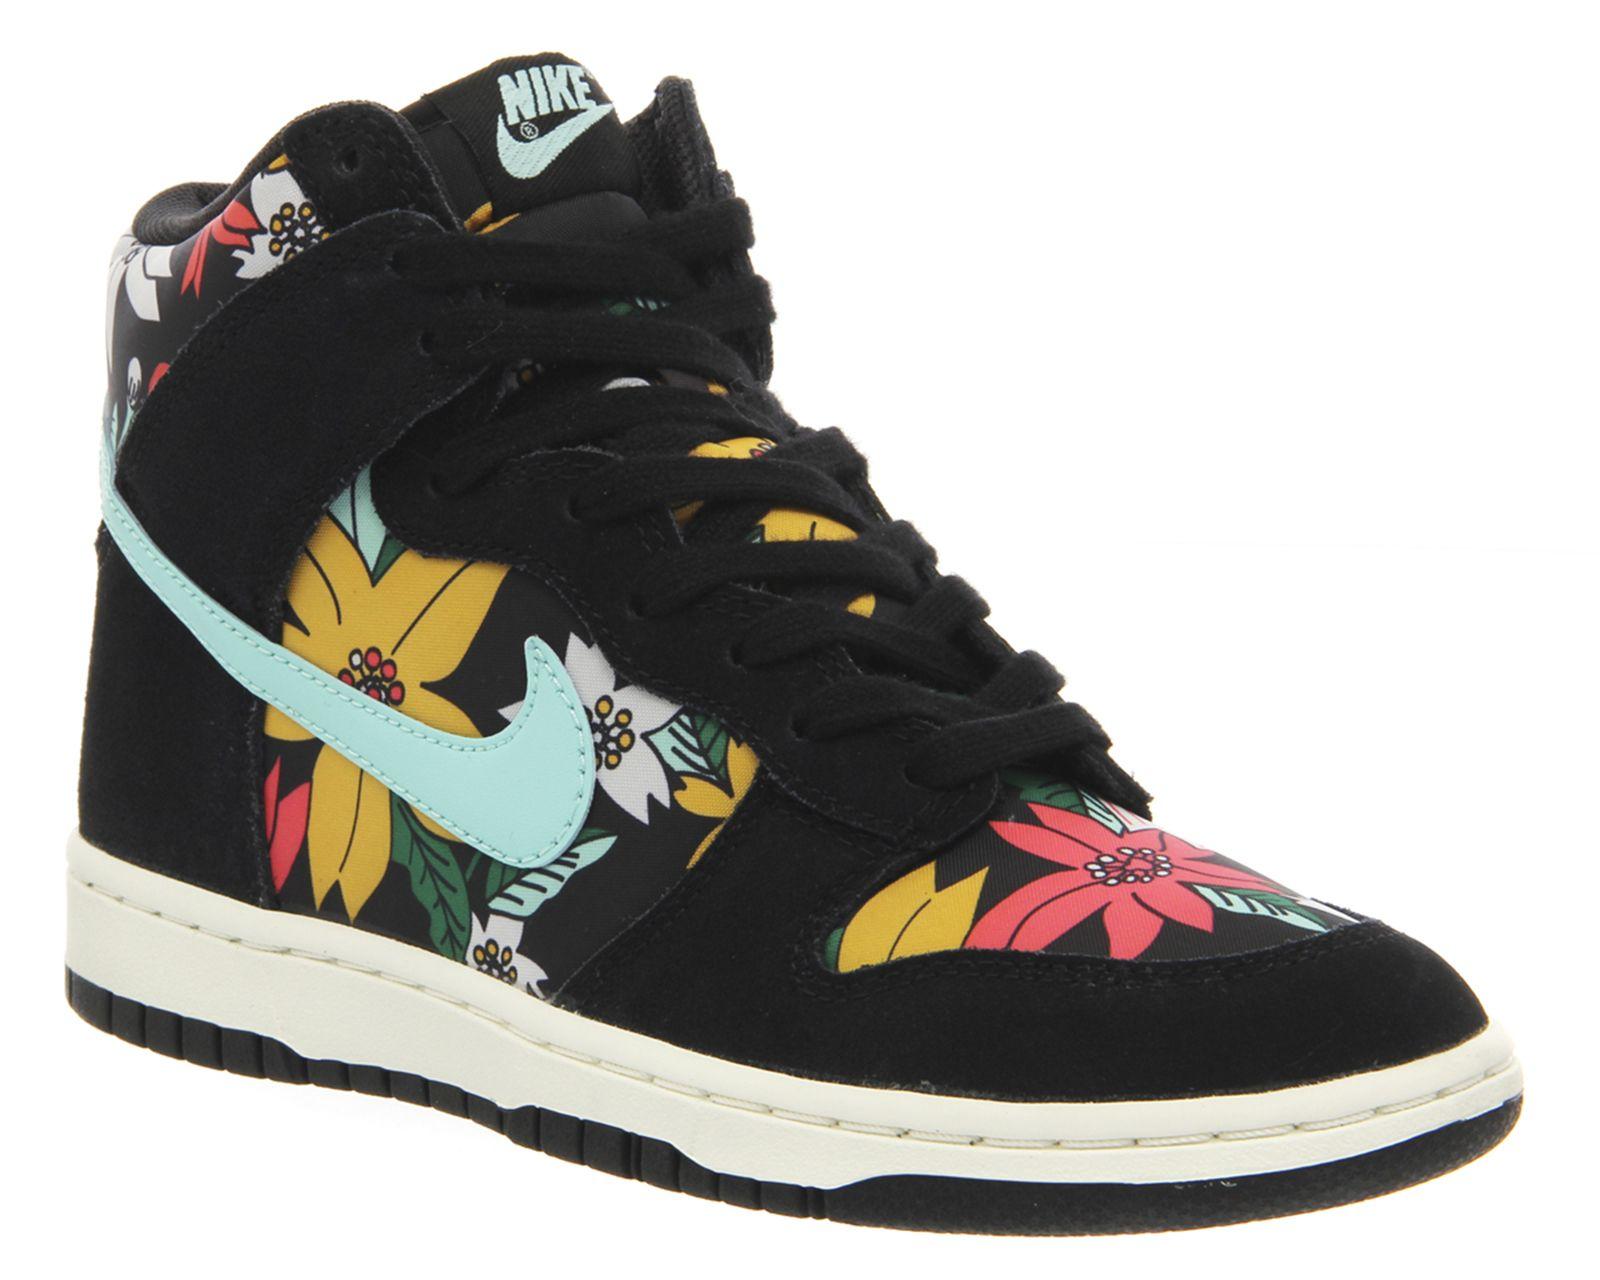 Nike Dunk Hi Skinny Black Teal Aloha Print - Hers trainers